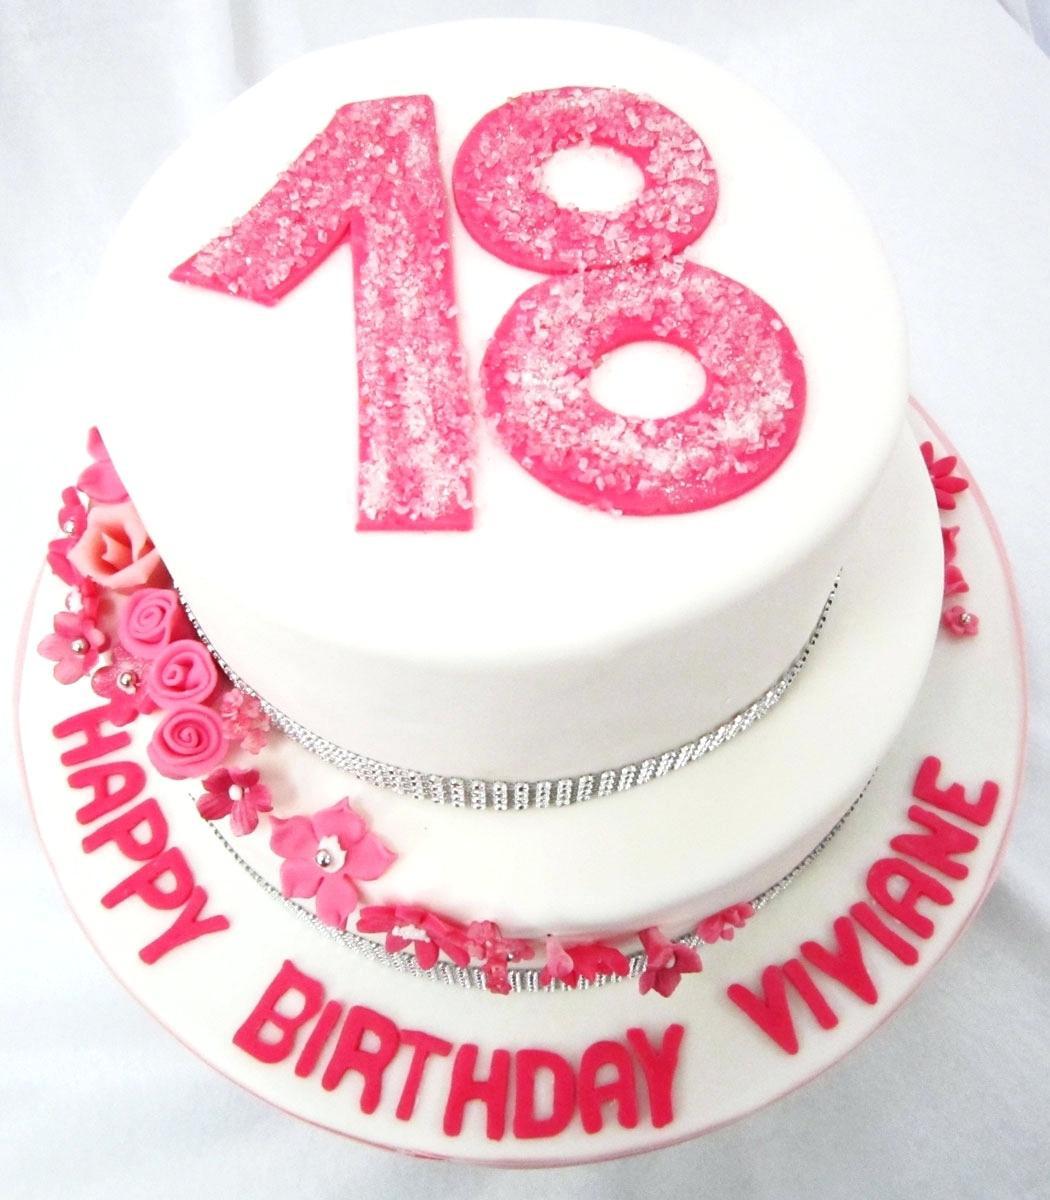 Geburtstagstorte 18. Geburtstag  geburtstagstorte 18 geburtstag – thesparklist